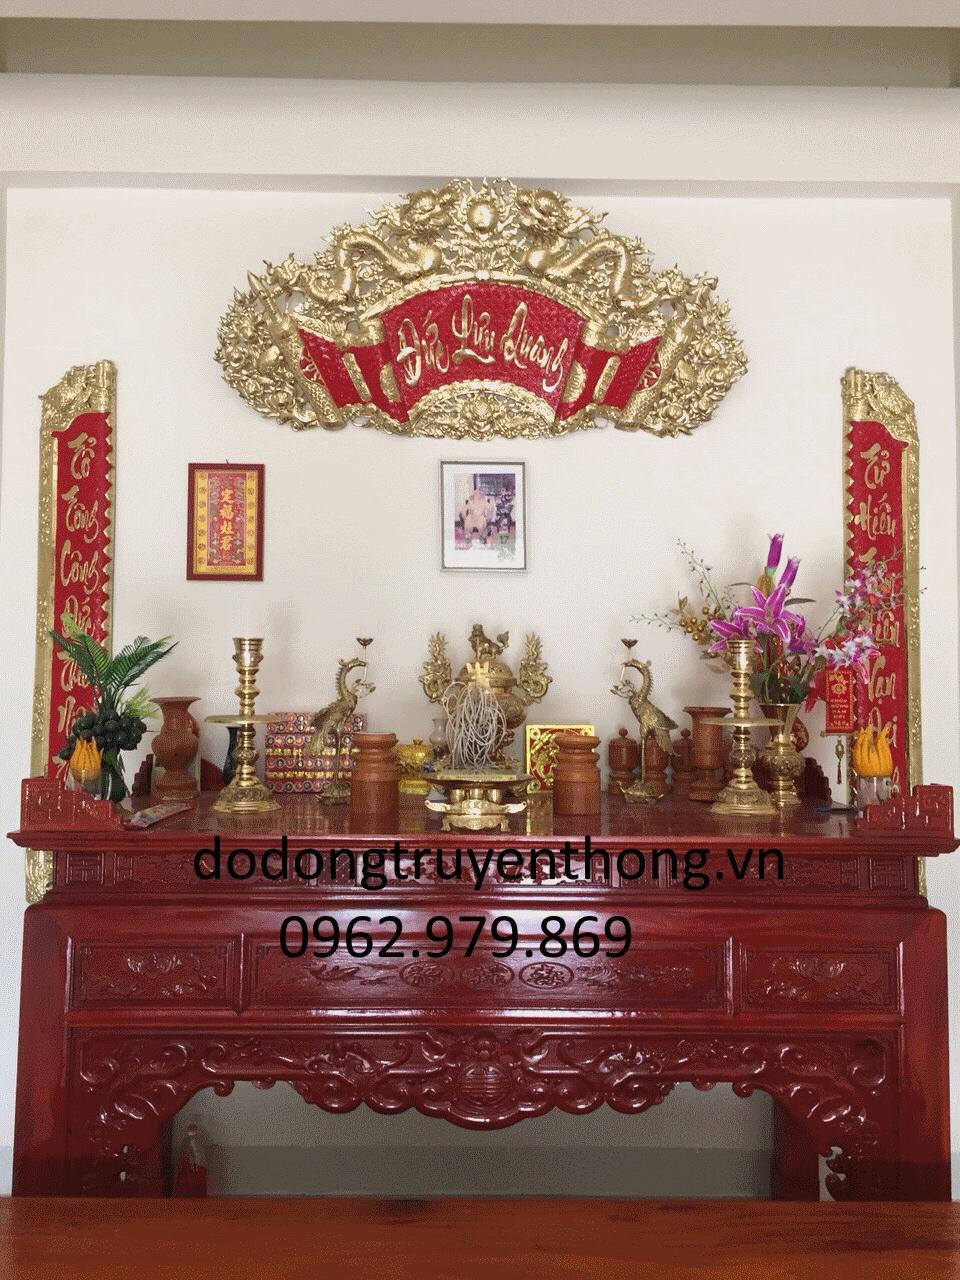 Bộ hoành phi câu đối đức lưu quang 1, 5 5 m cho bàn thờ gia tiên